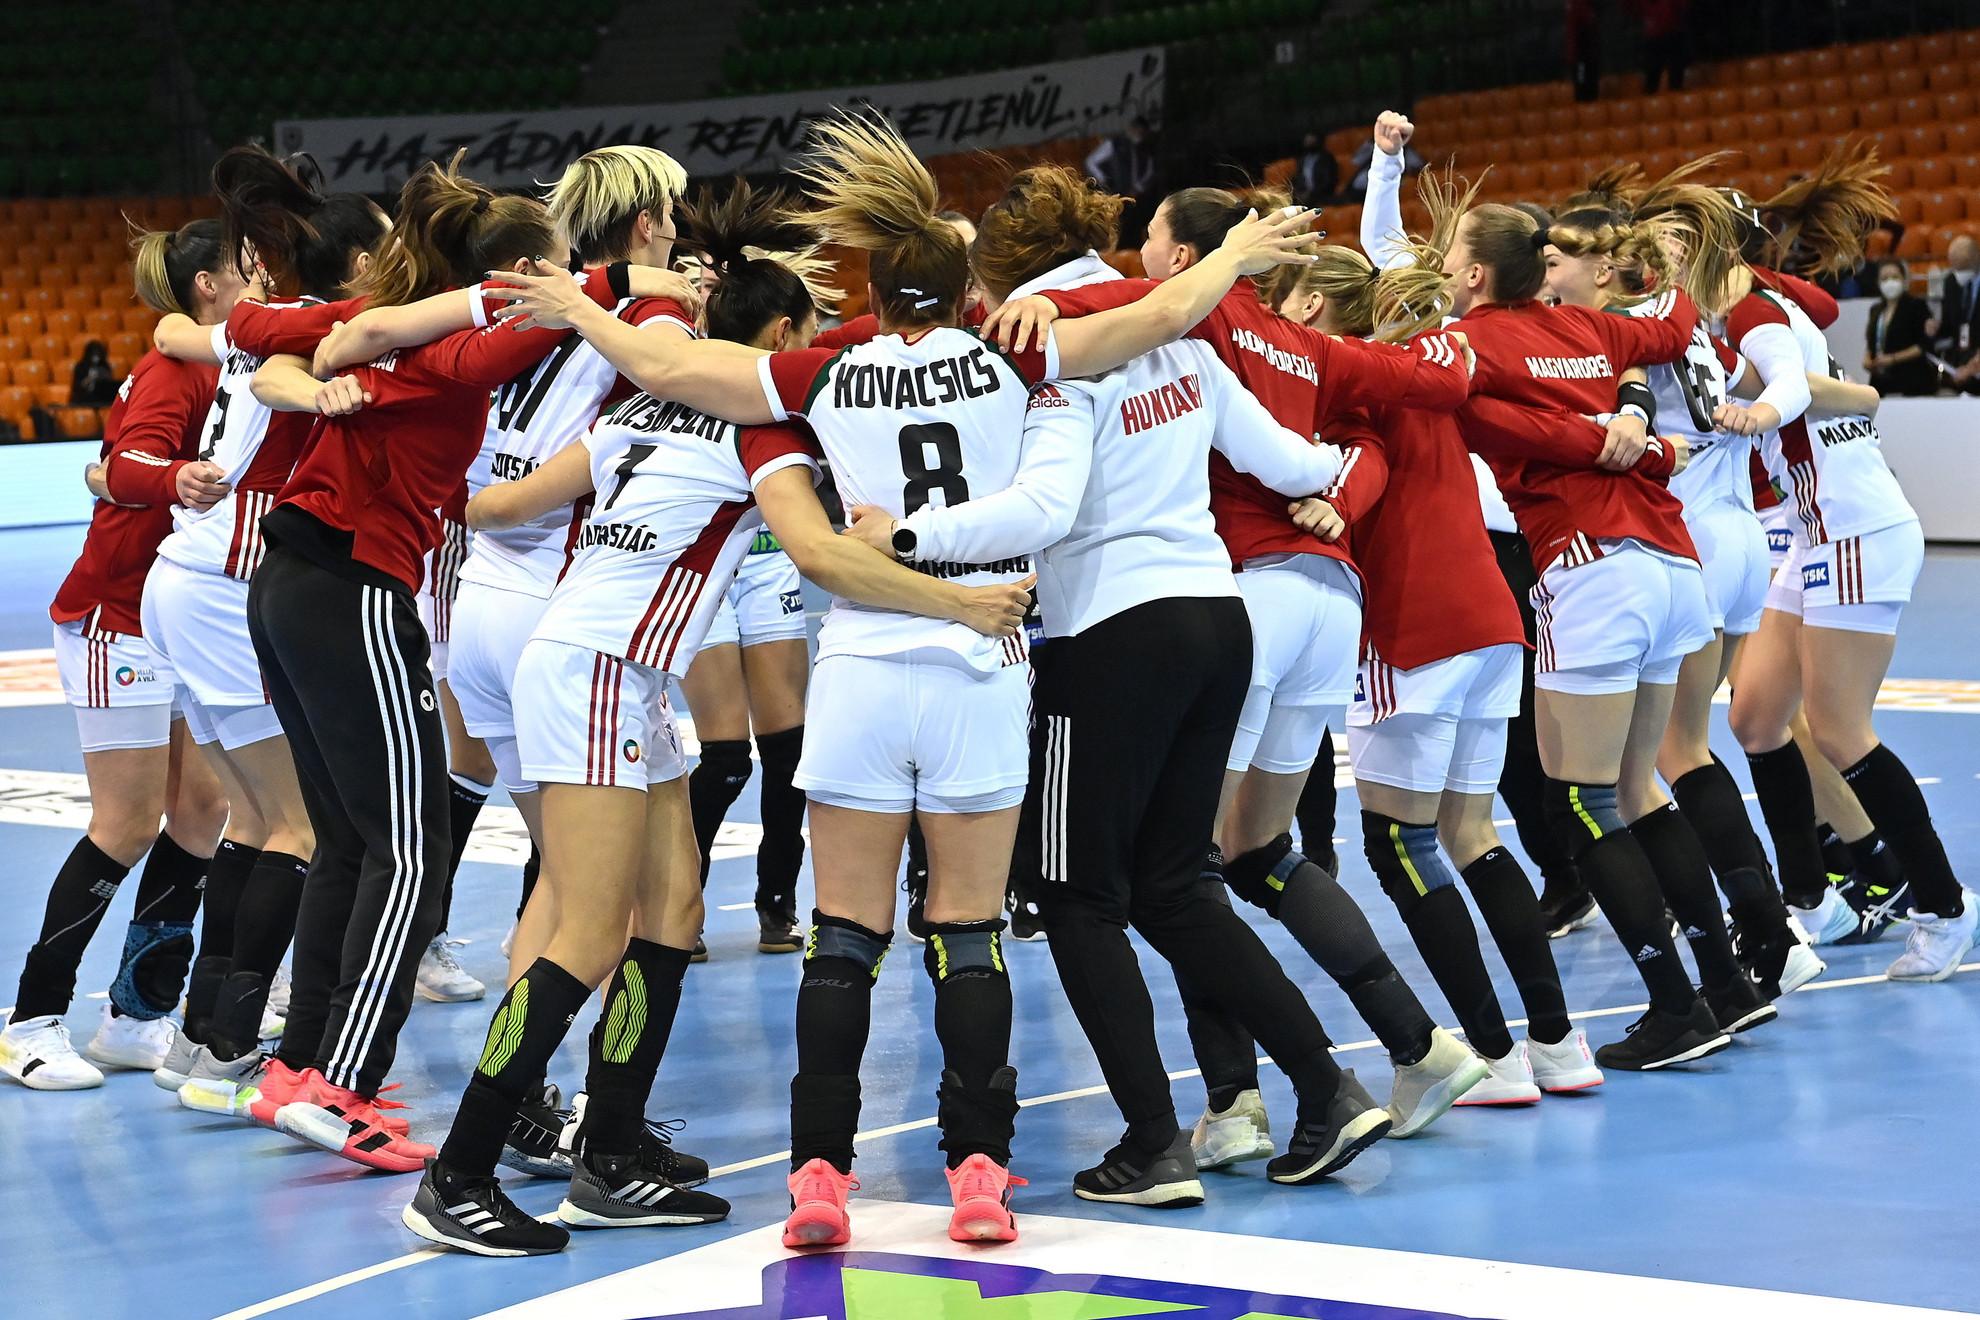 A magyar válogatott tagjai, miután 31-23-ra legyőzték Szerbia csapatát a kézilabda női olimpiai selejtezőn